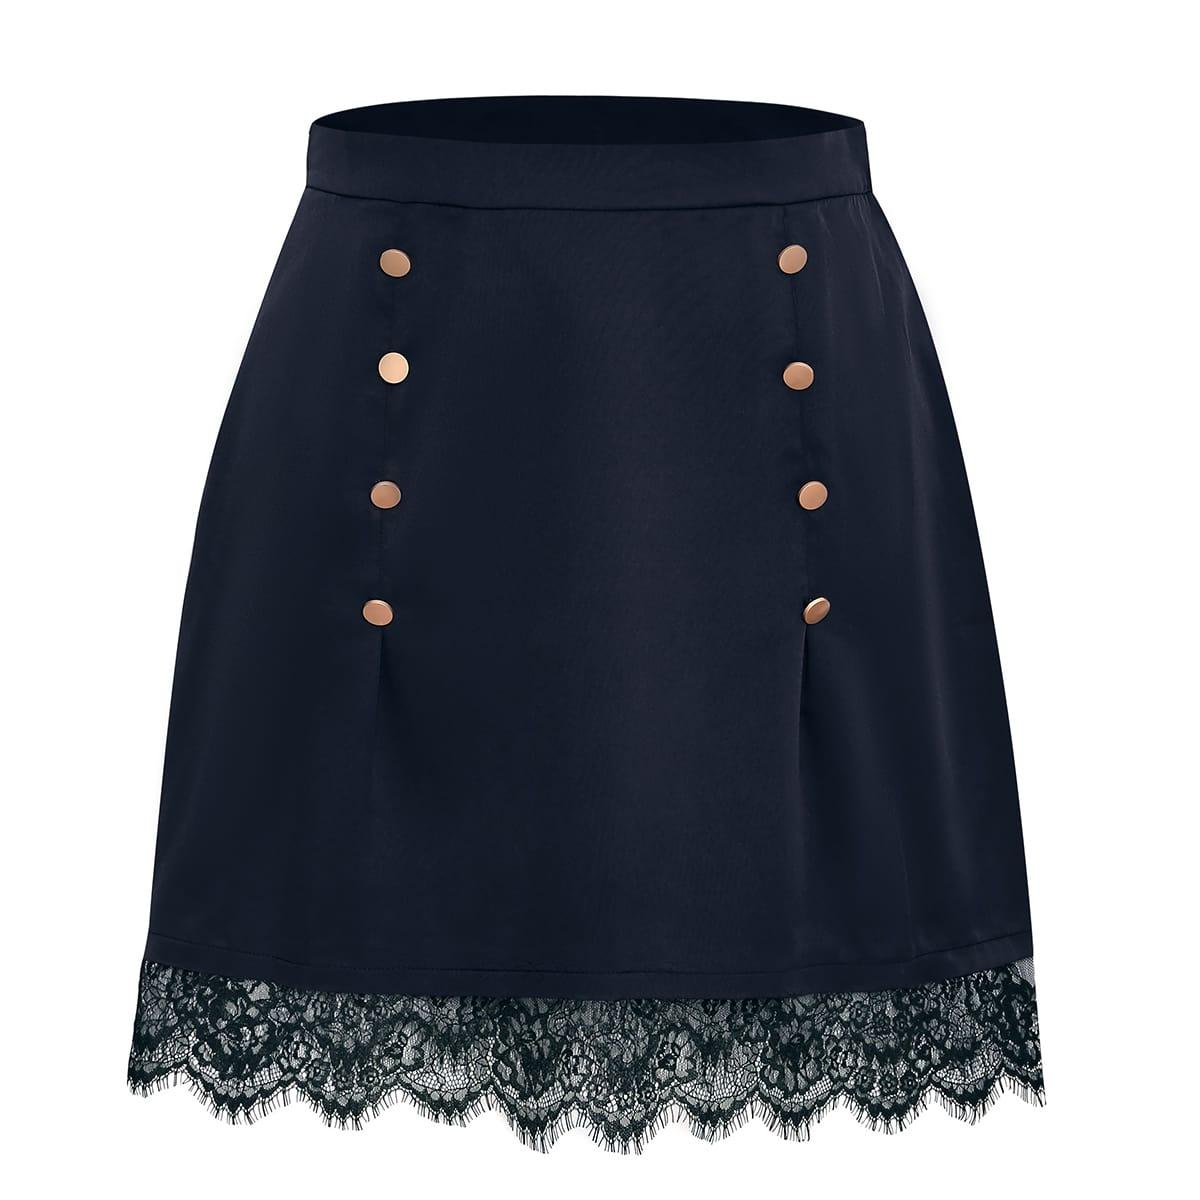 Plus Eyelash Lace Hem Fake Button Skirt